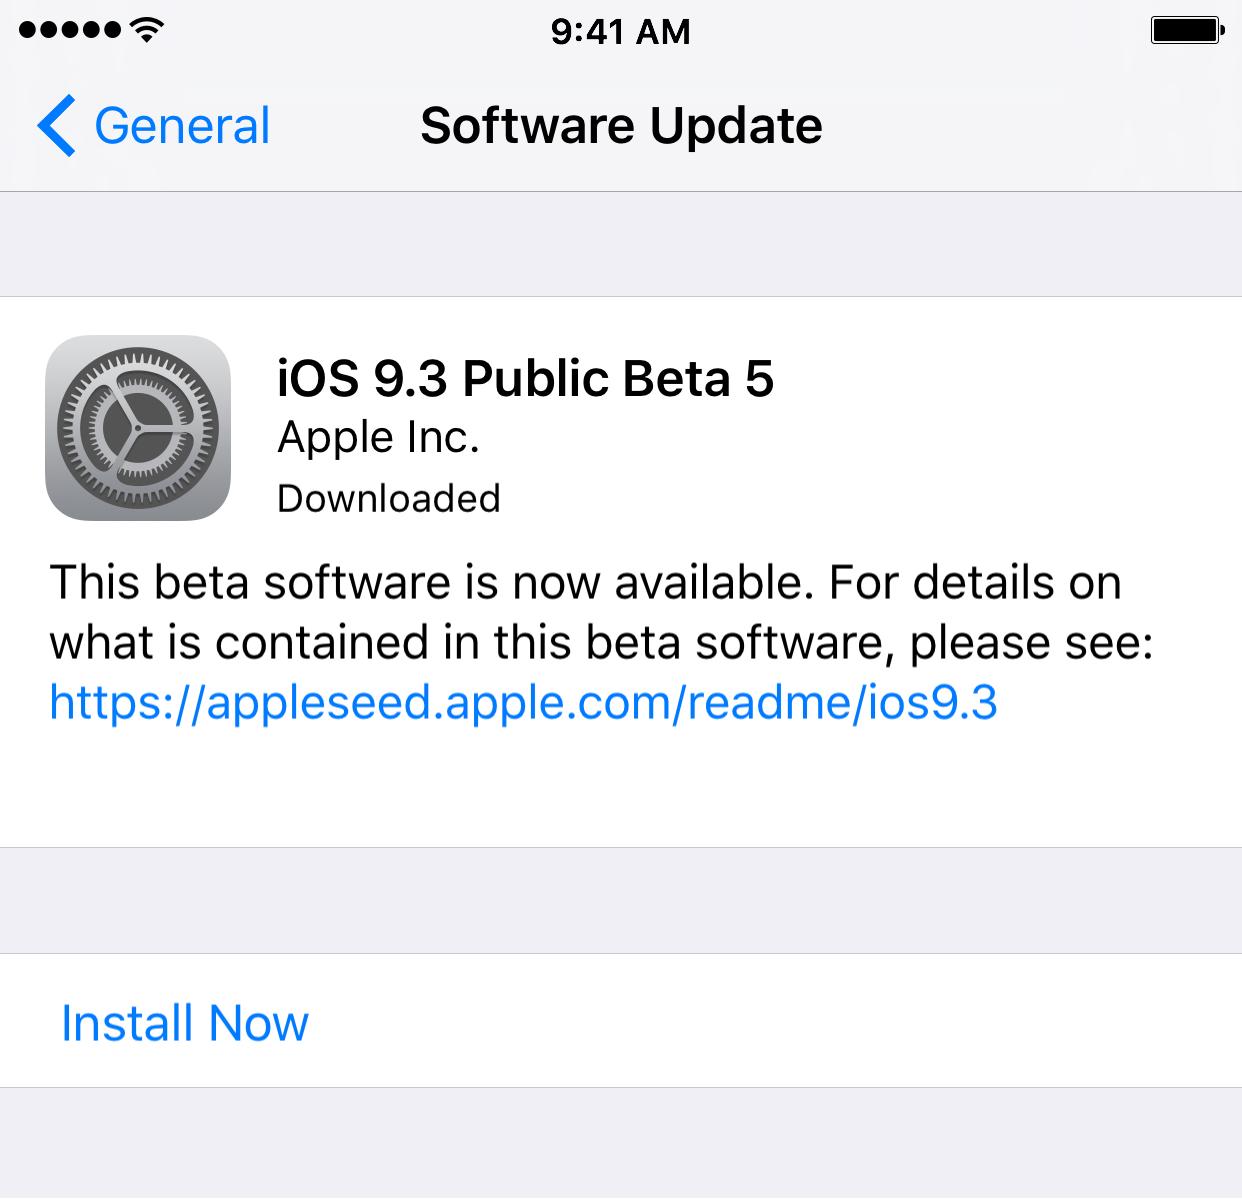 Buscar actualizaciones en iOS